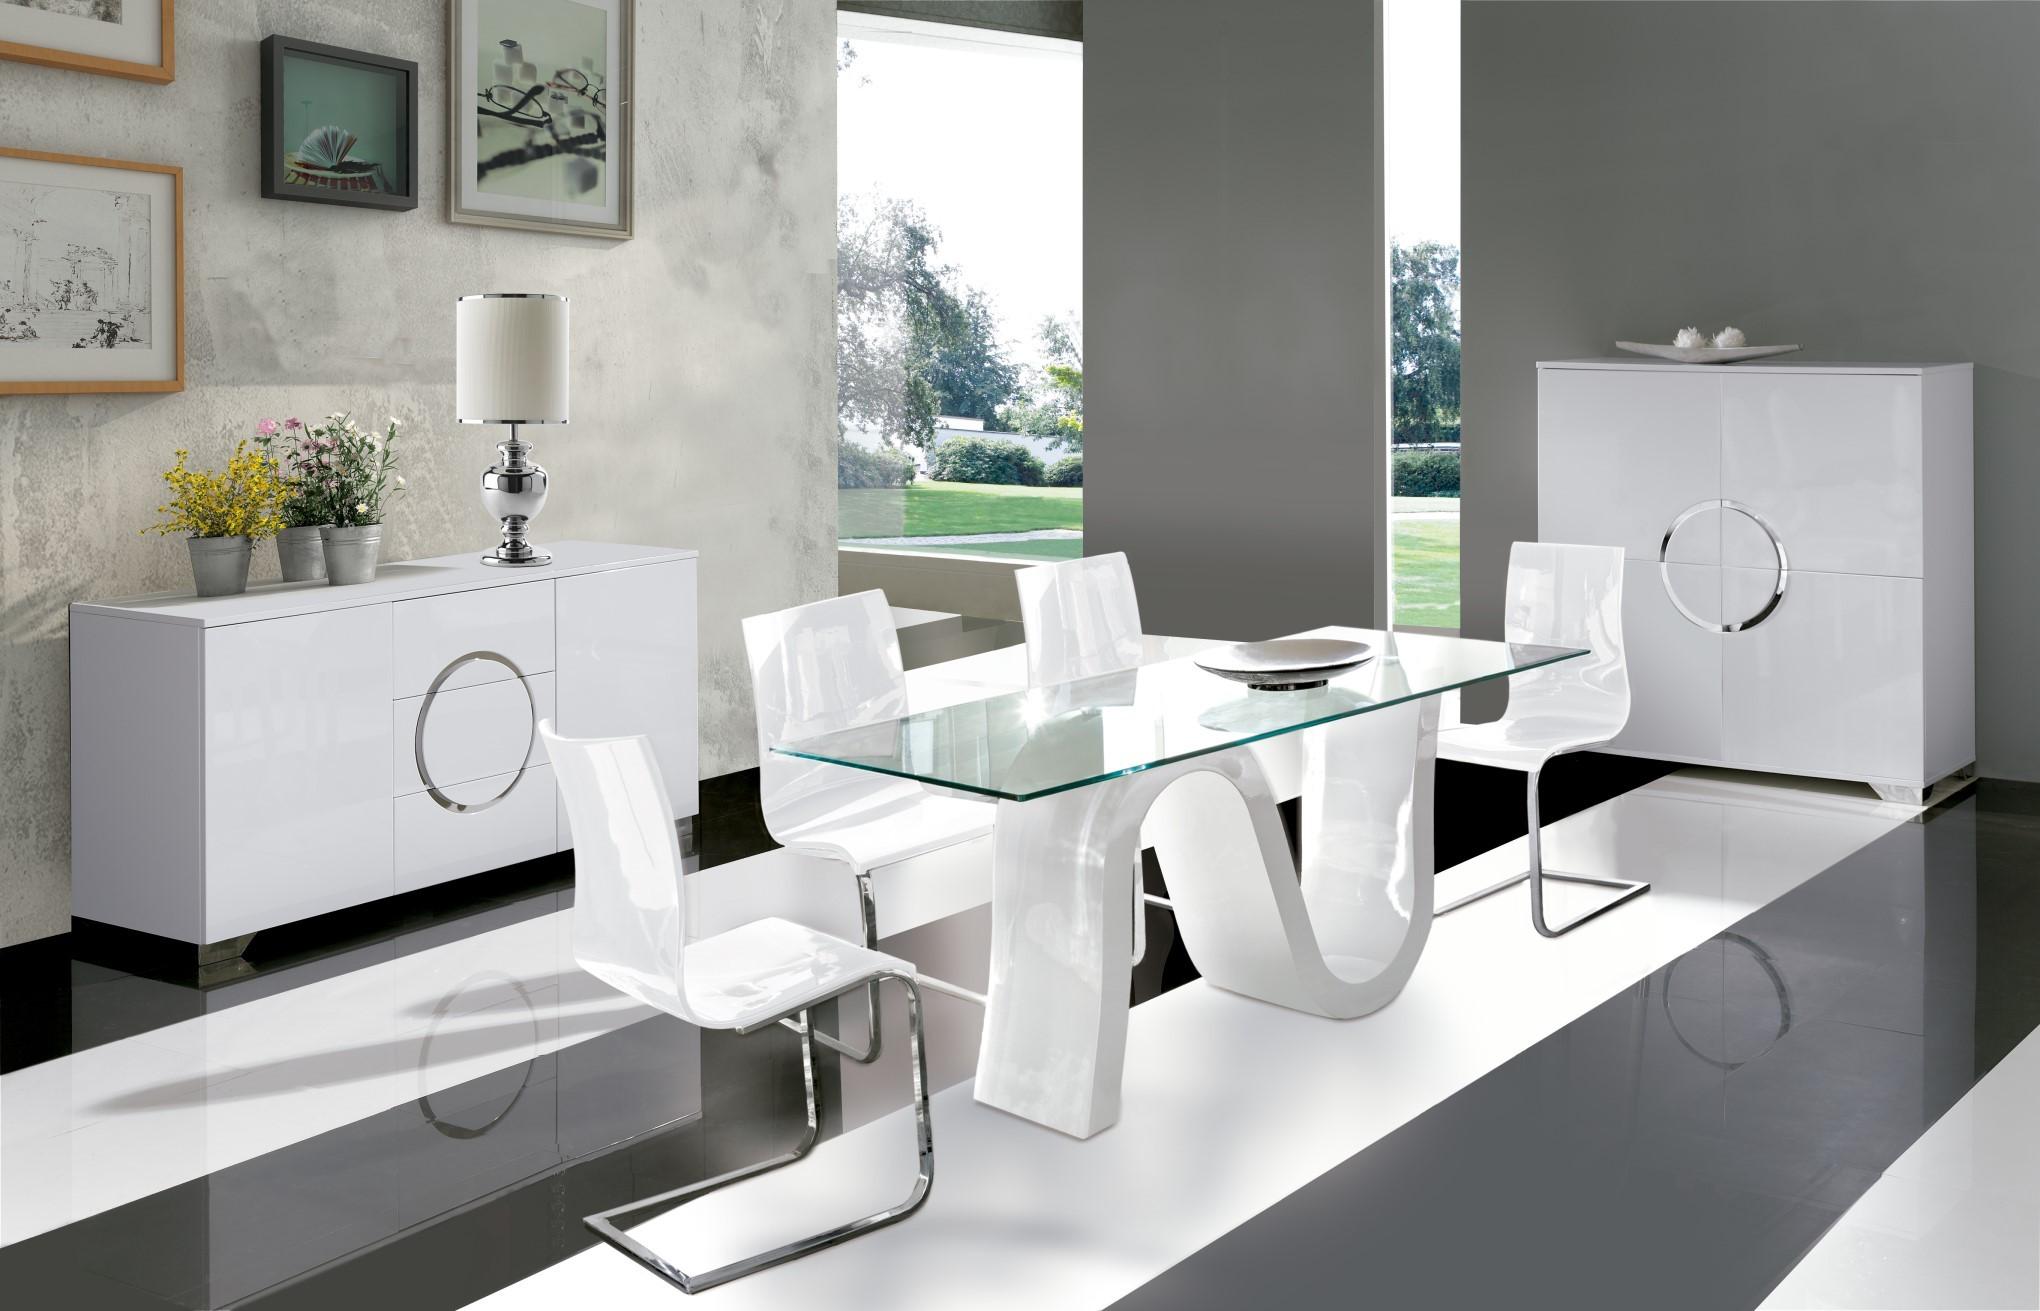 Sklenený jedálenský stôl s bielou podnožou